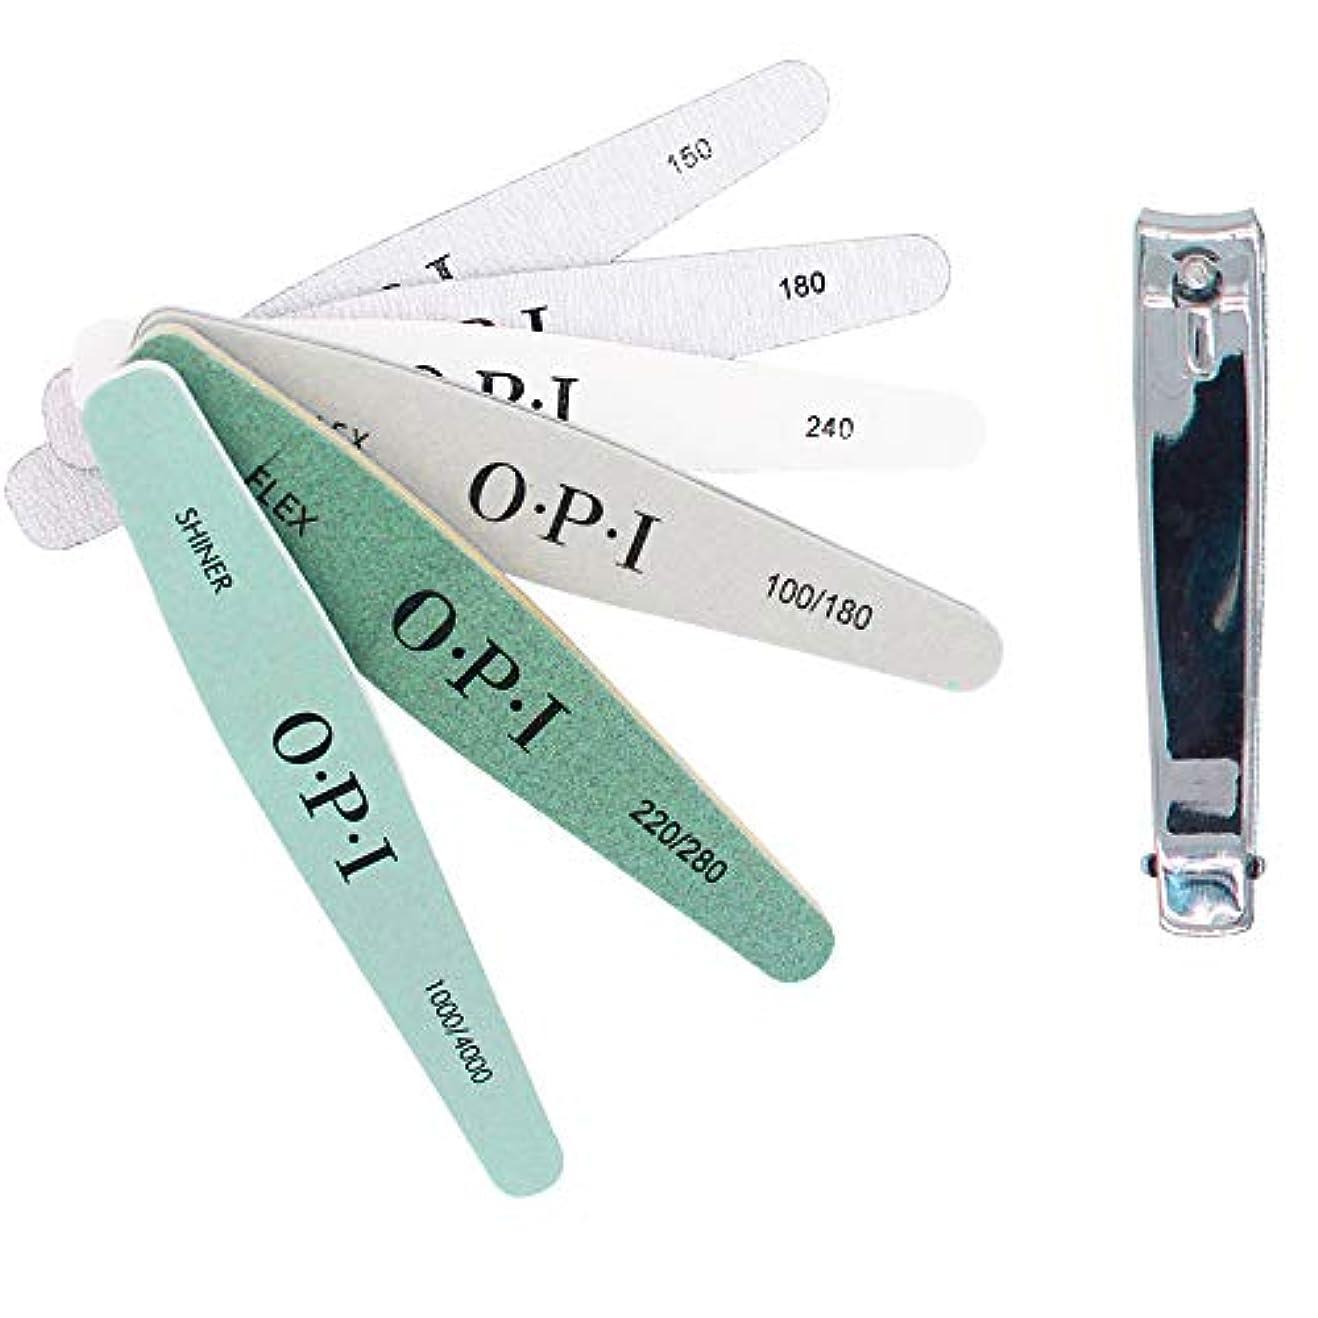 感じ世代速報KINYOOOスポンジファイル、爪やすり、ネイルをつやつやに、のネイルツール、 150/180/200/240/280/1000/4000と(1 PCSメタルネイルはさみ)、ネイルケア用化粧マニキュアペディキュアセット。